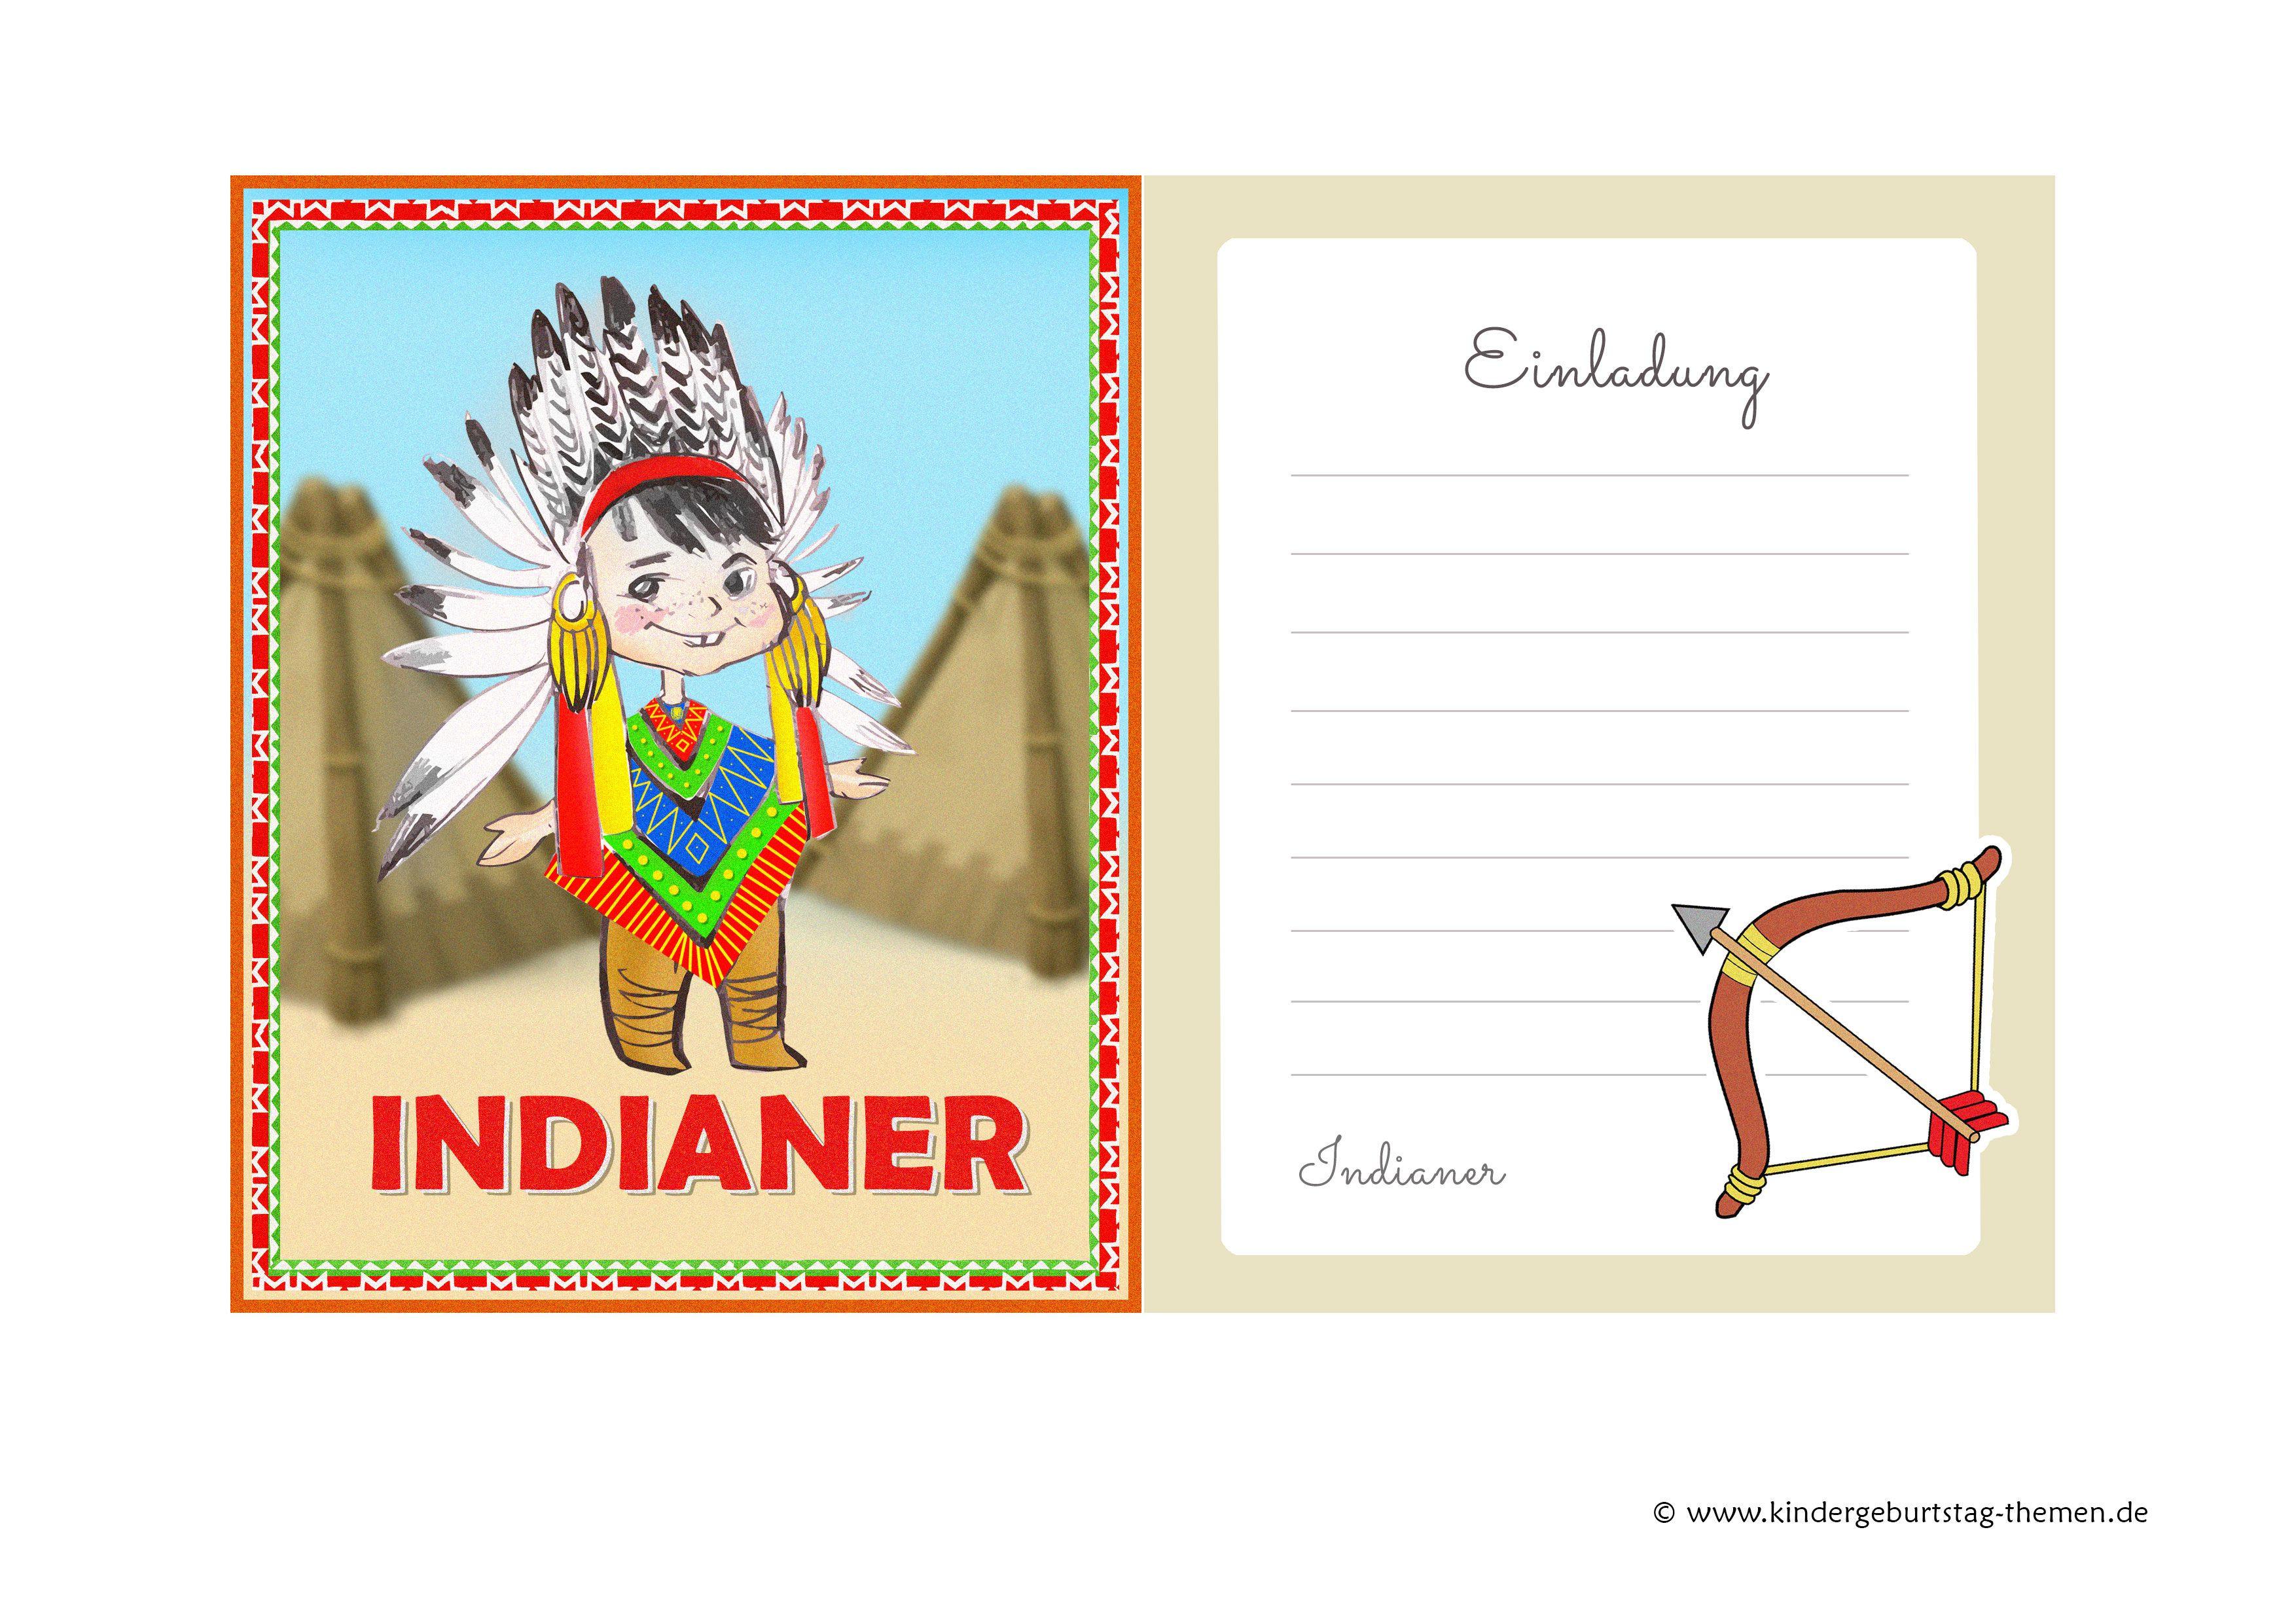 Geburtstagskarten Kostenlos Zum Ausdrucken  Geburtstagskarte Zum Ausdrucken A4